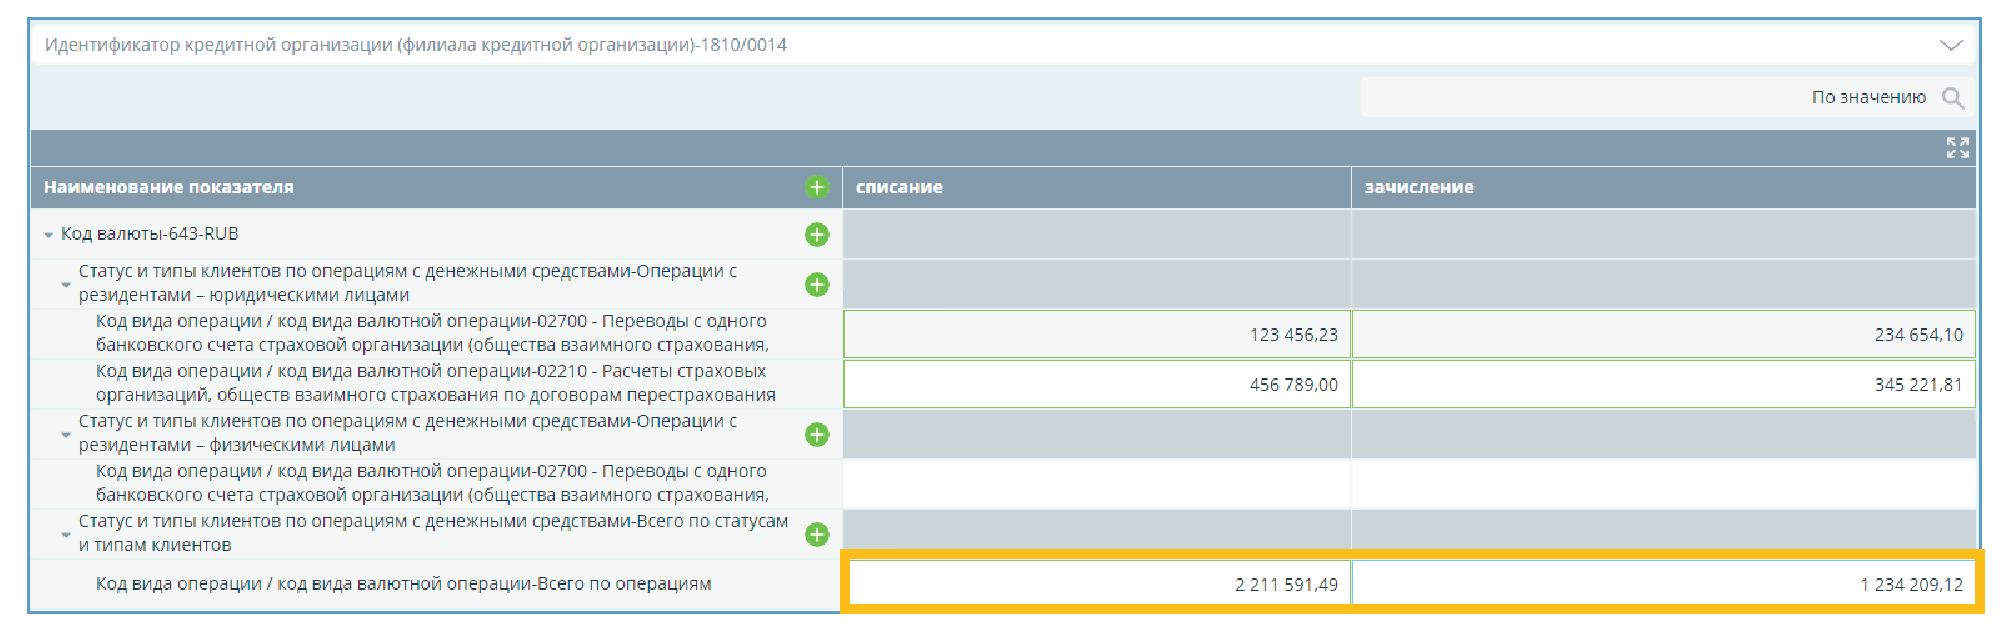 совкомбанк онлайн заявка на кредит наличными калькулятор